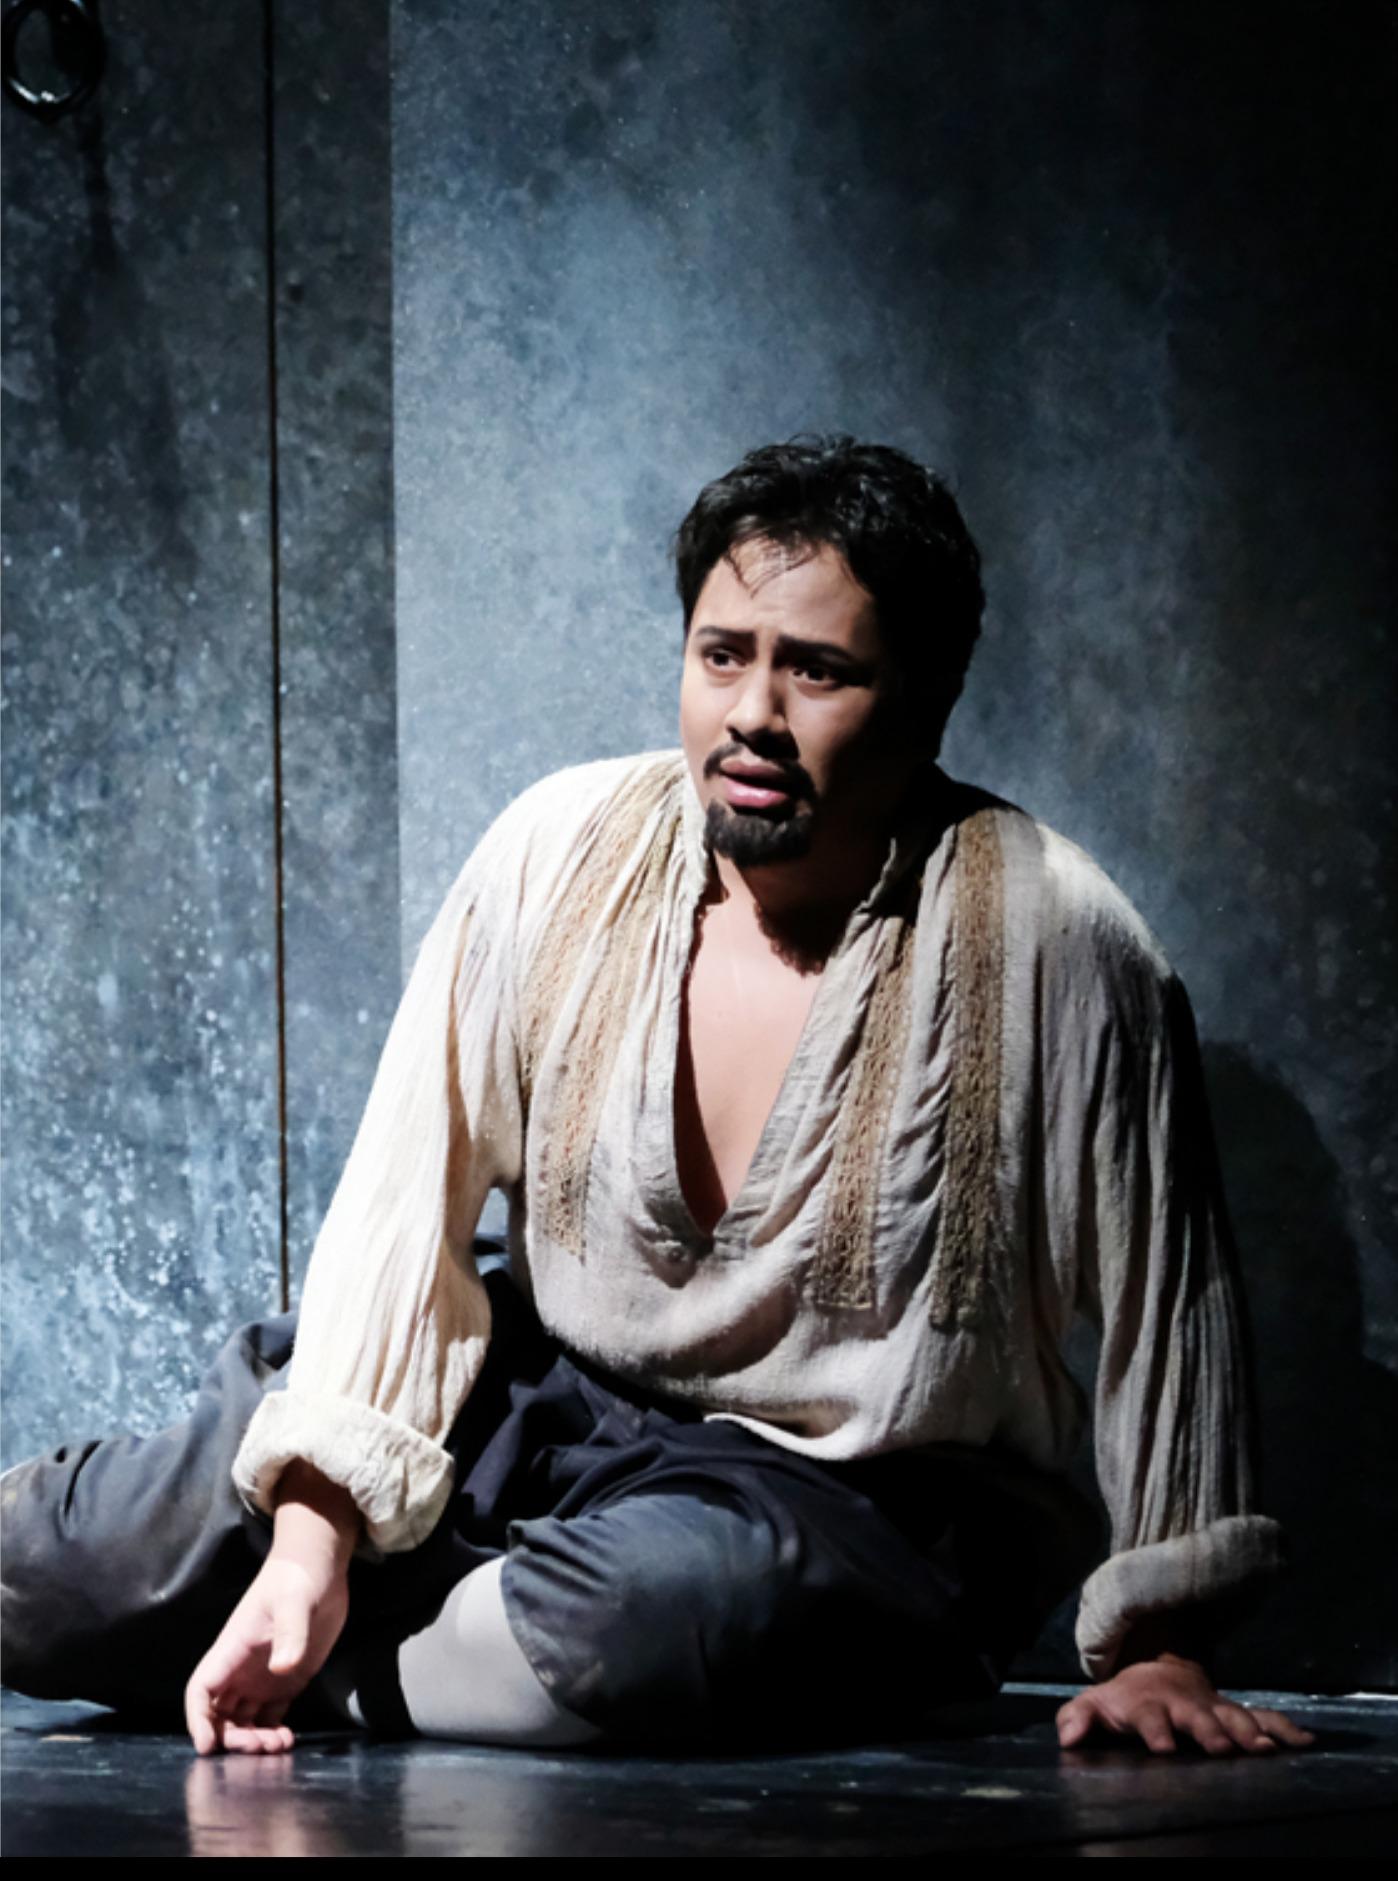 """As """"Roberto"""" in Donizetti's """"Roberto Dev"""